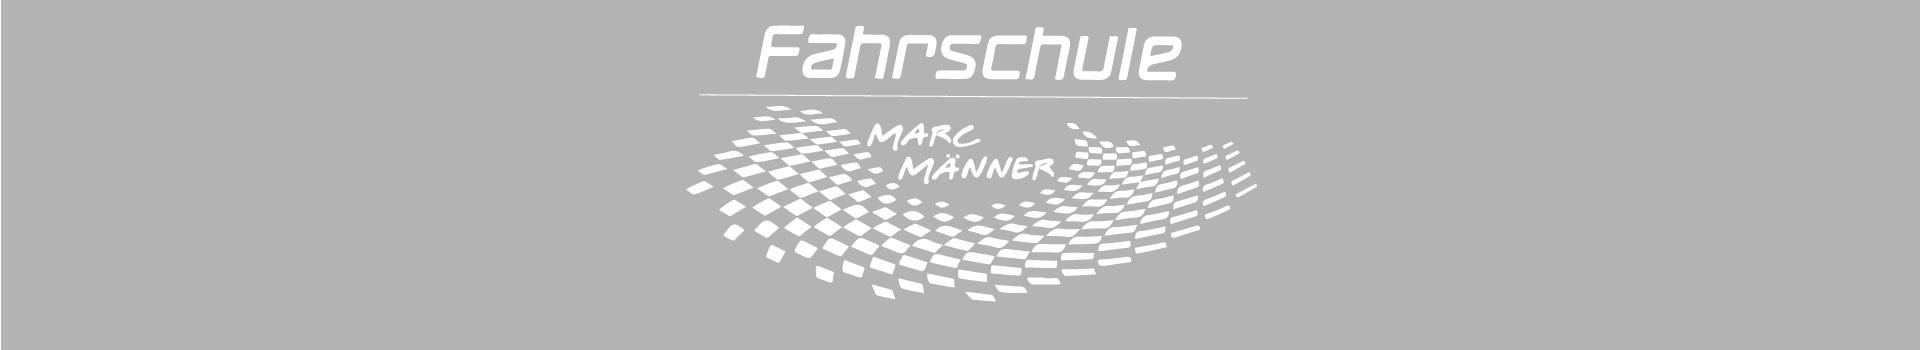 Fahrschule Marc Männer Logo